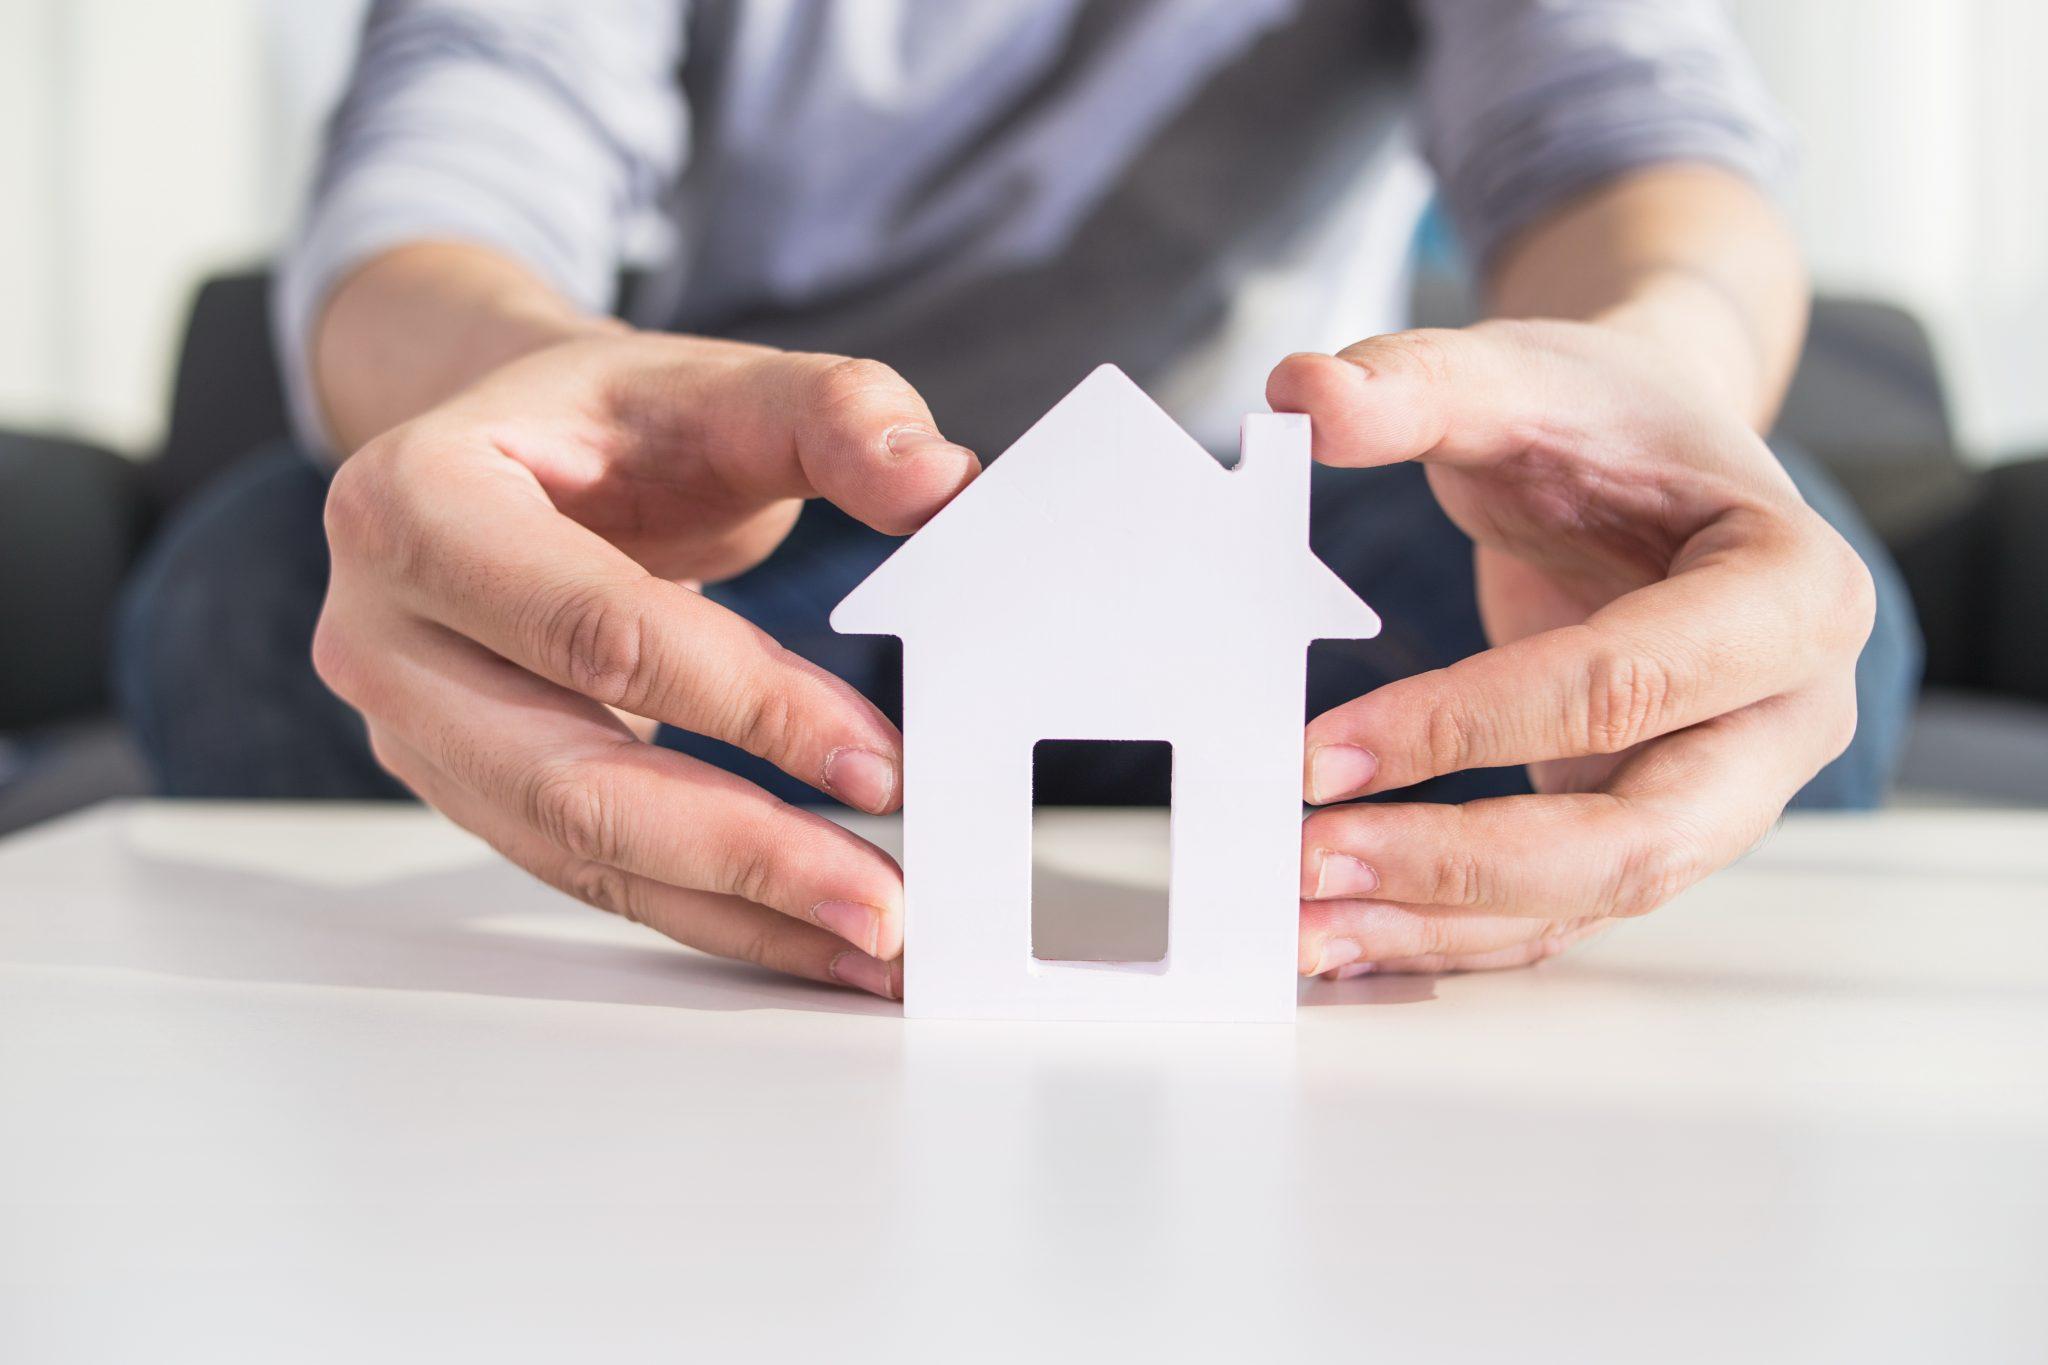 Agents immobiliers, nos 5 conseils pour digitaliser votre rentrée de mandats